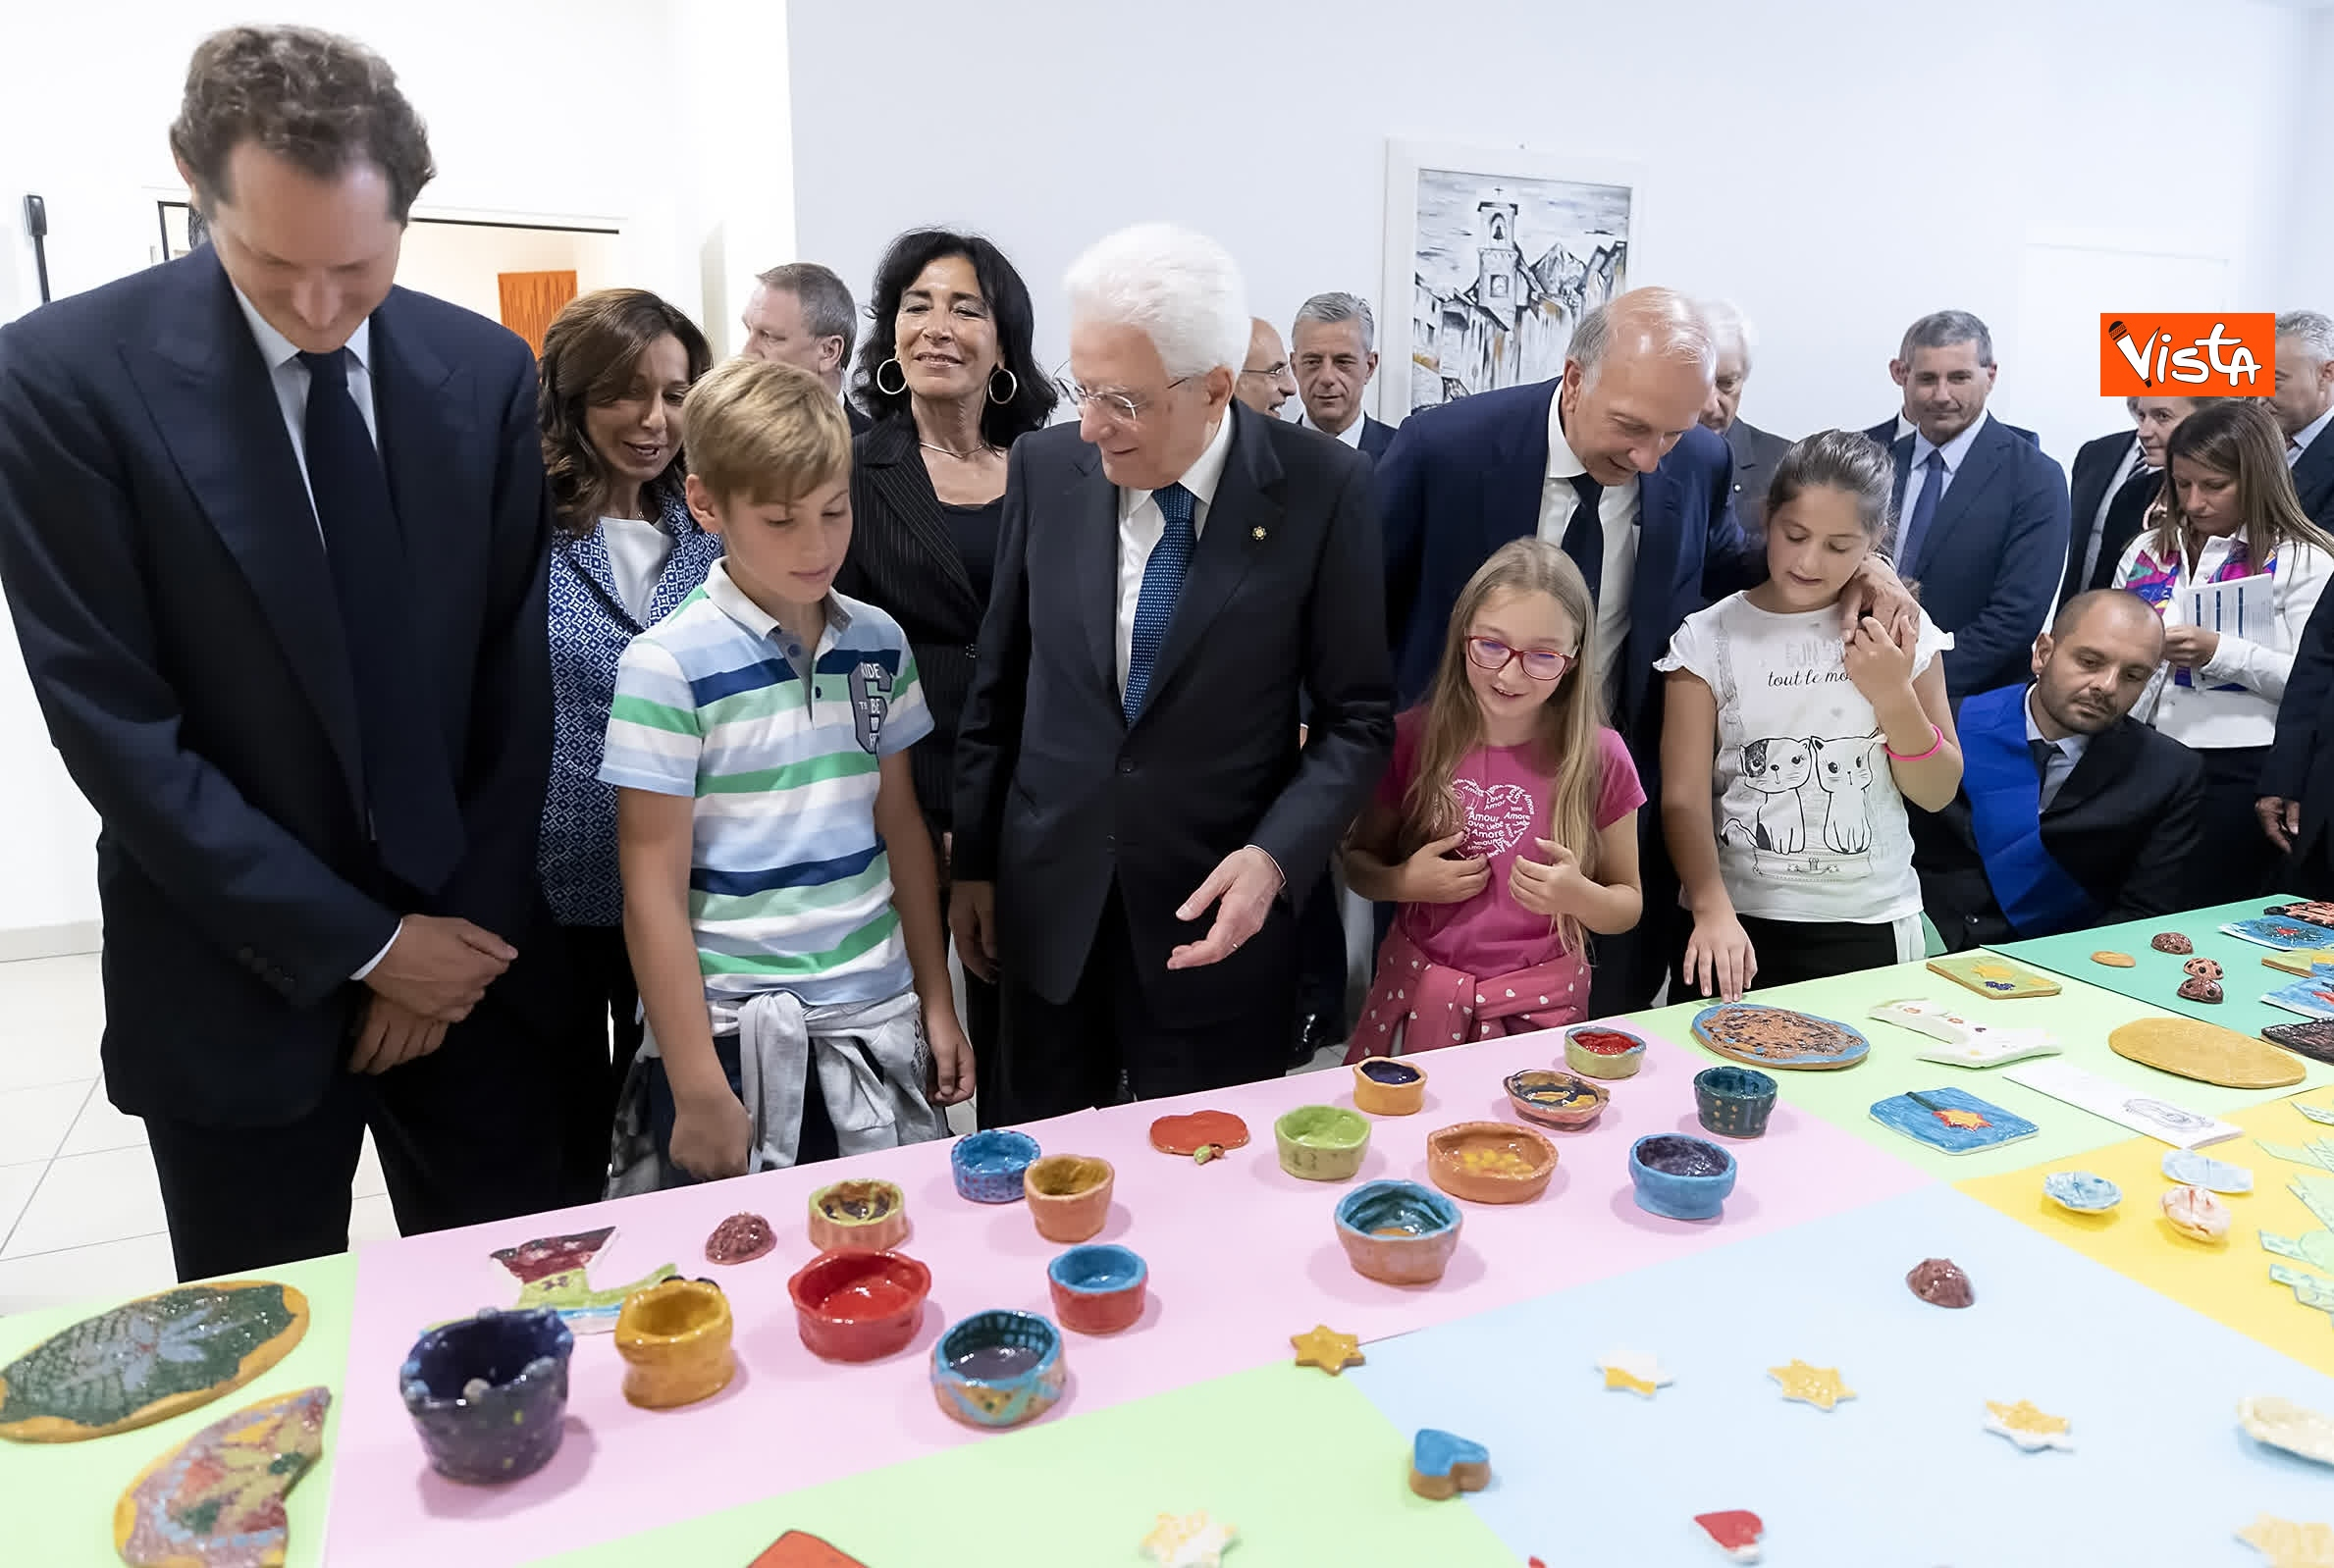 18-07-19 Il Presidente Mattarella visita l'Istituto omnicomprensivo Romolo Capranica di Amatrice_12